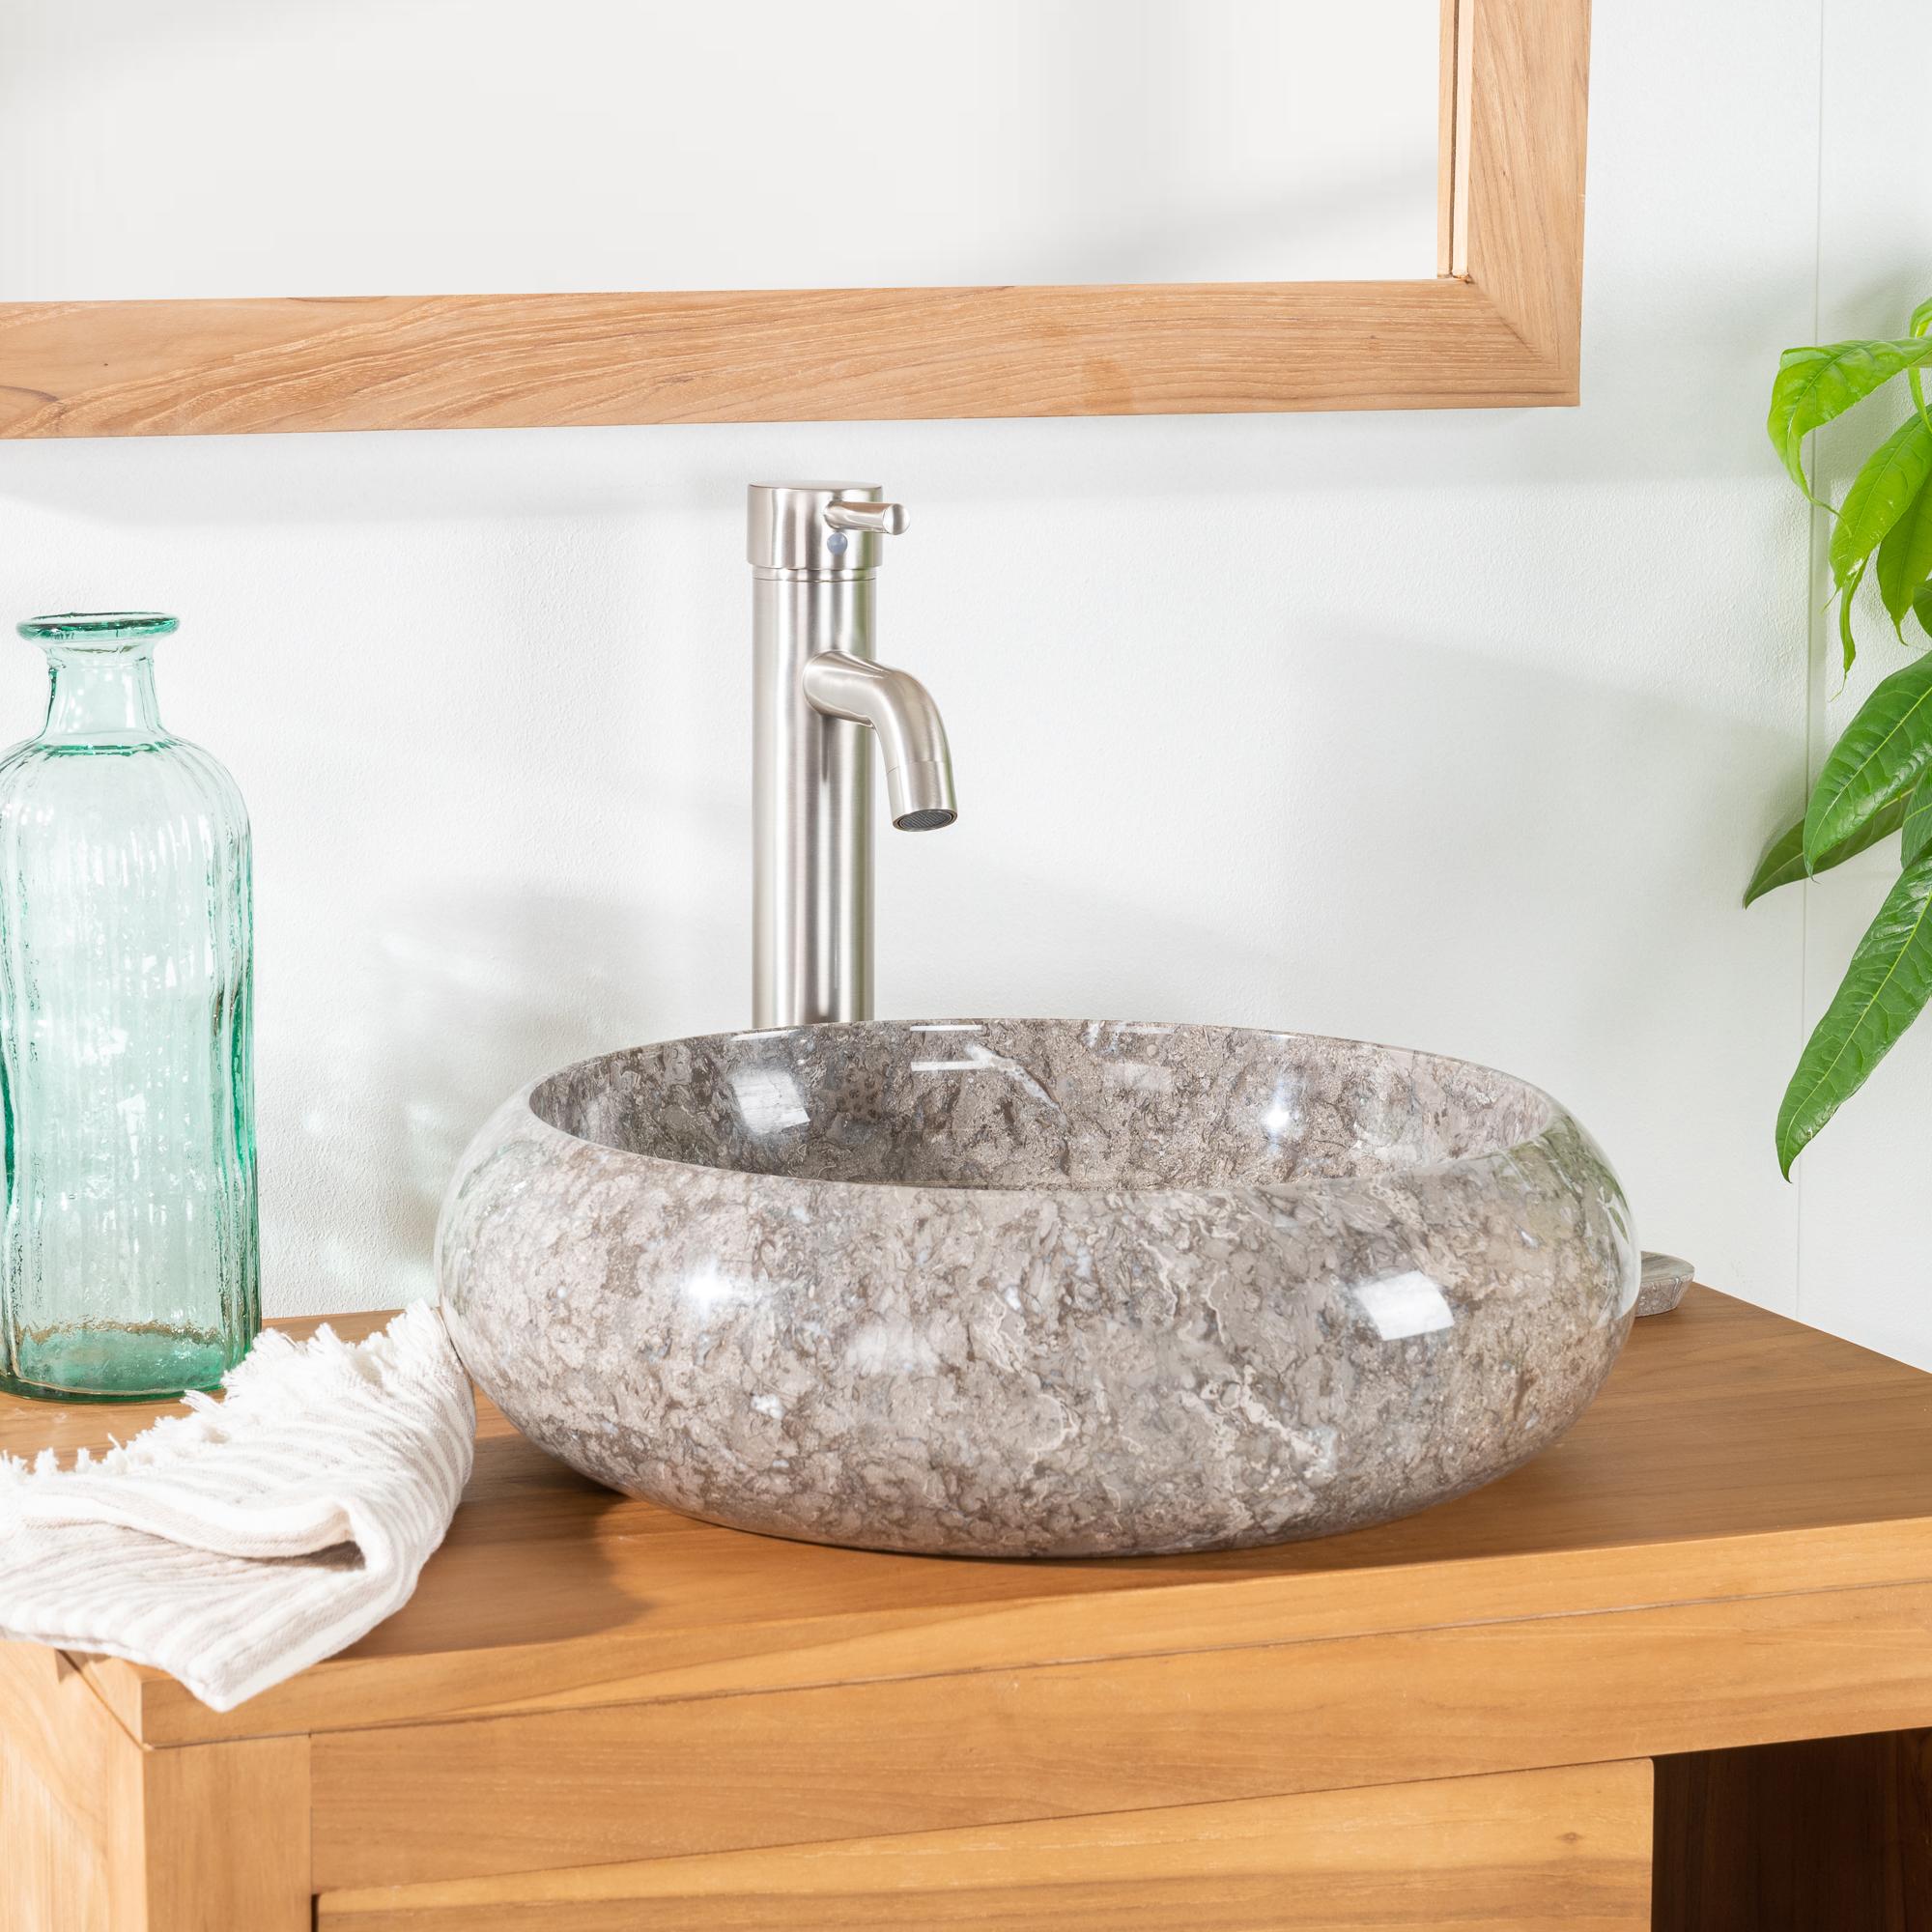 Vasque poser en marbre venise ronde grise taupe d for Vasque salle de bain ronde